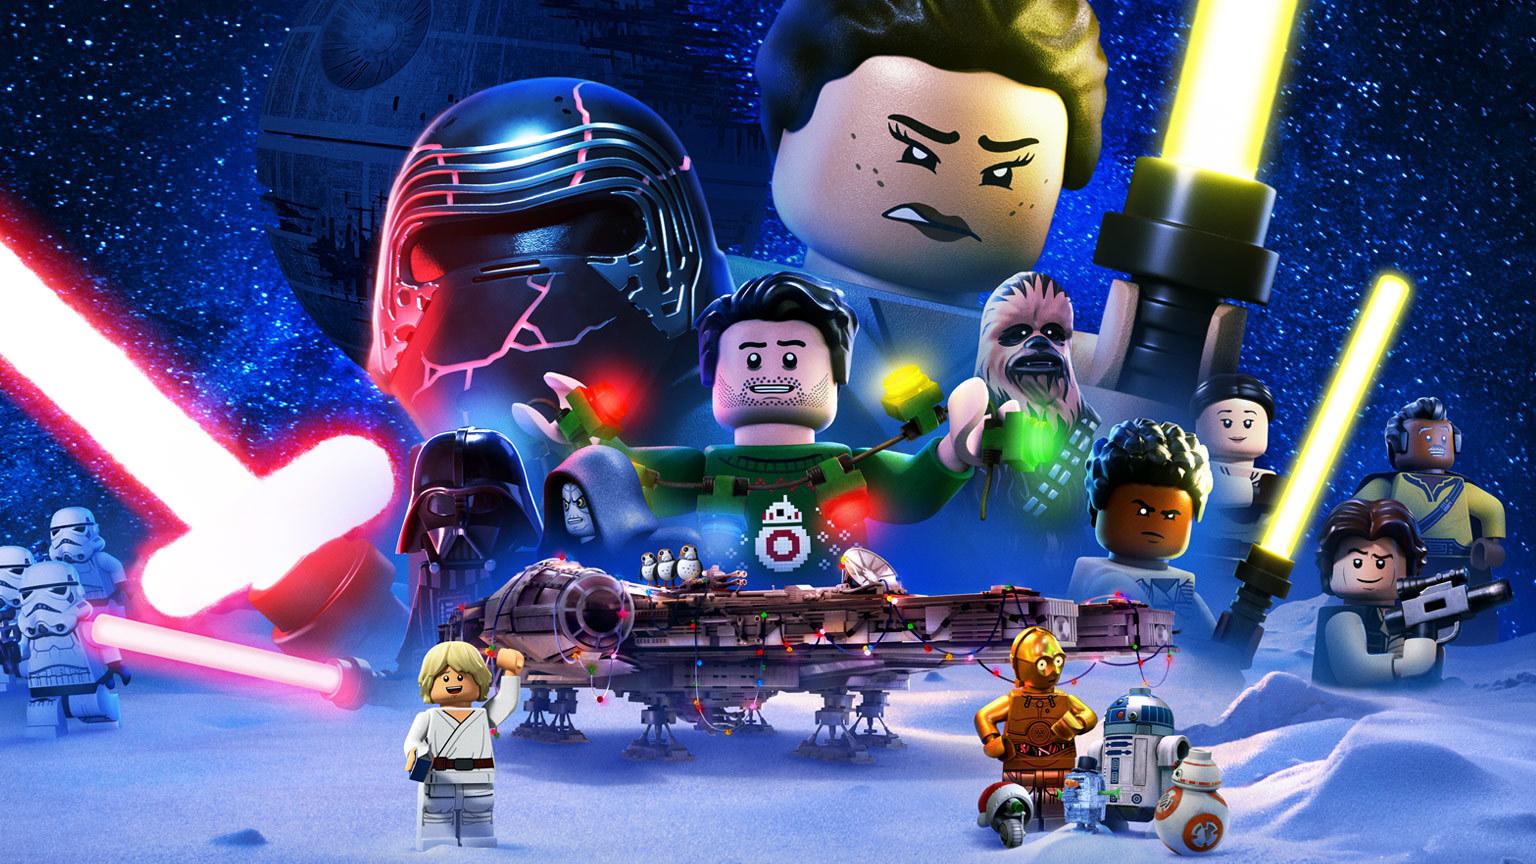 LEGO Star Wars Holiday Special: Hvězdné války si střílí z vlastních klišé | Fandíme filmu